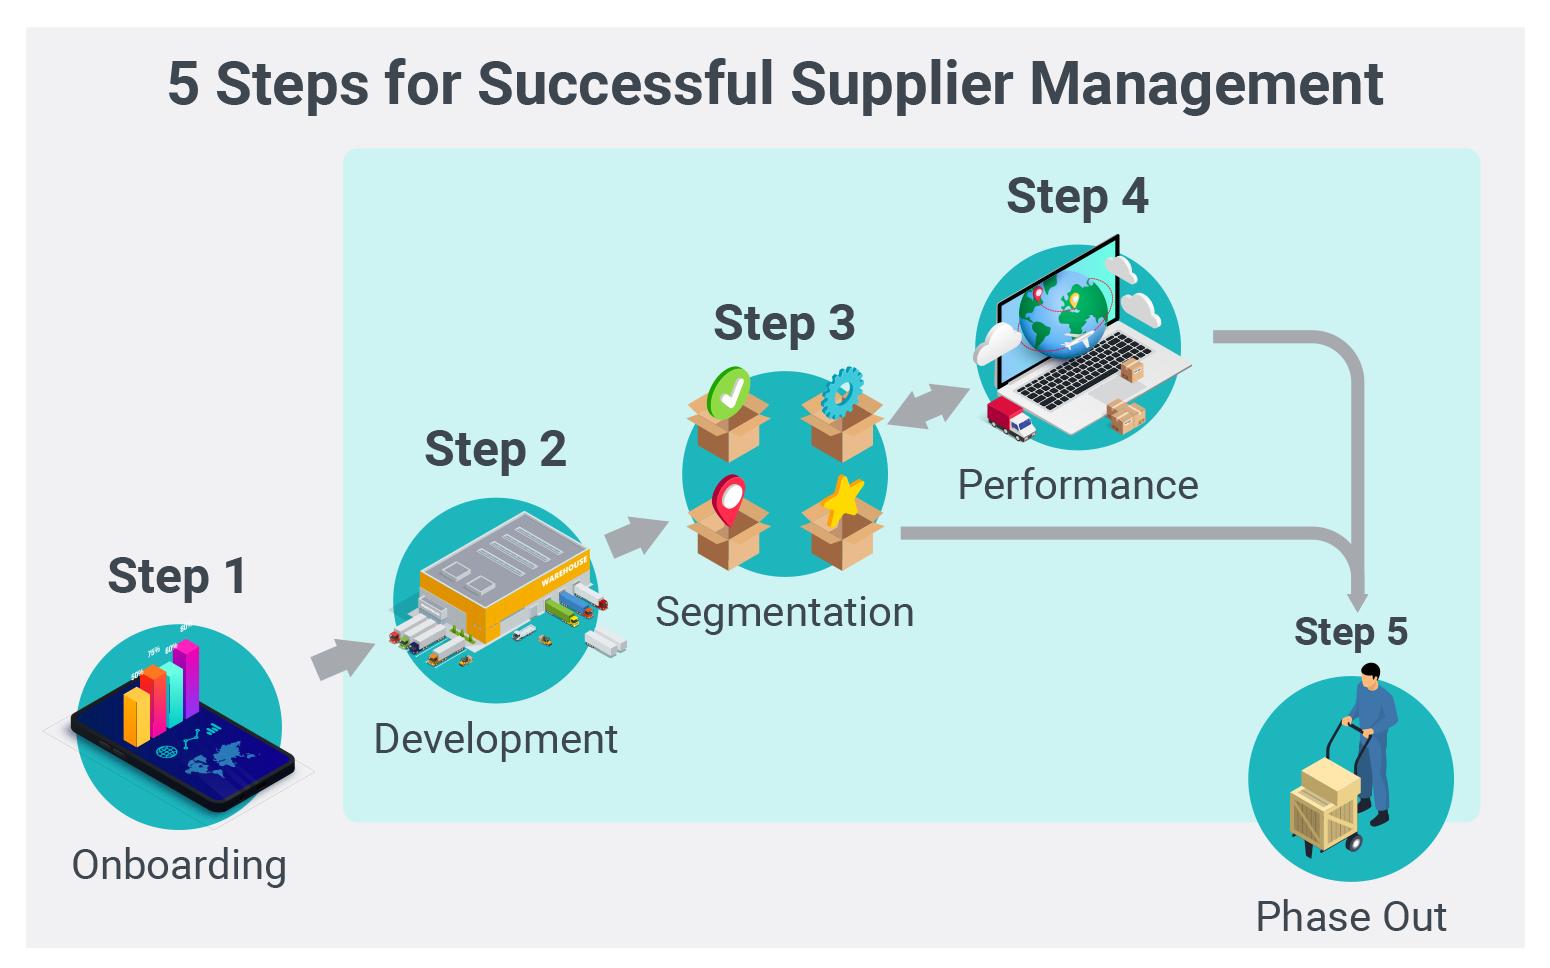 5 Steps for Supplier Management